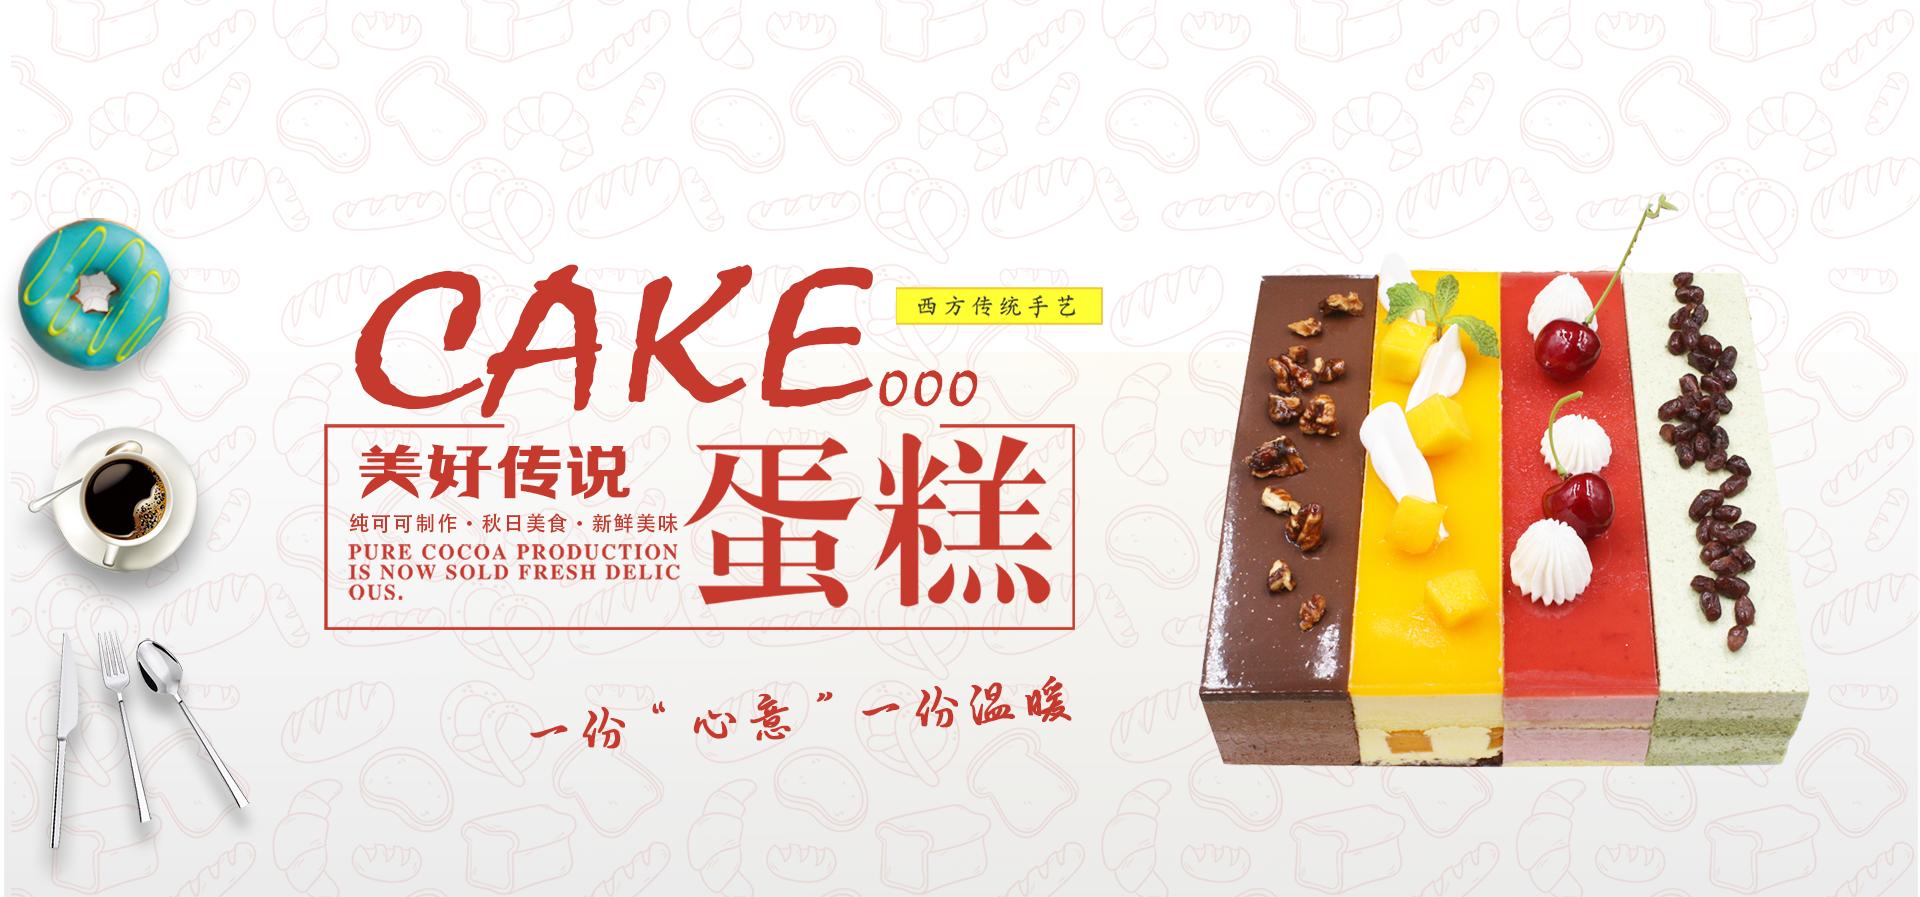 柳州生日蛋糕